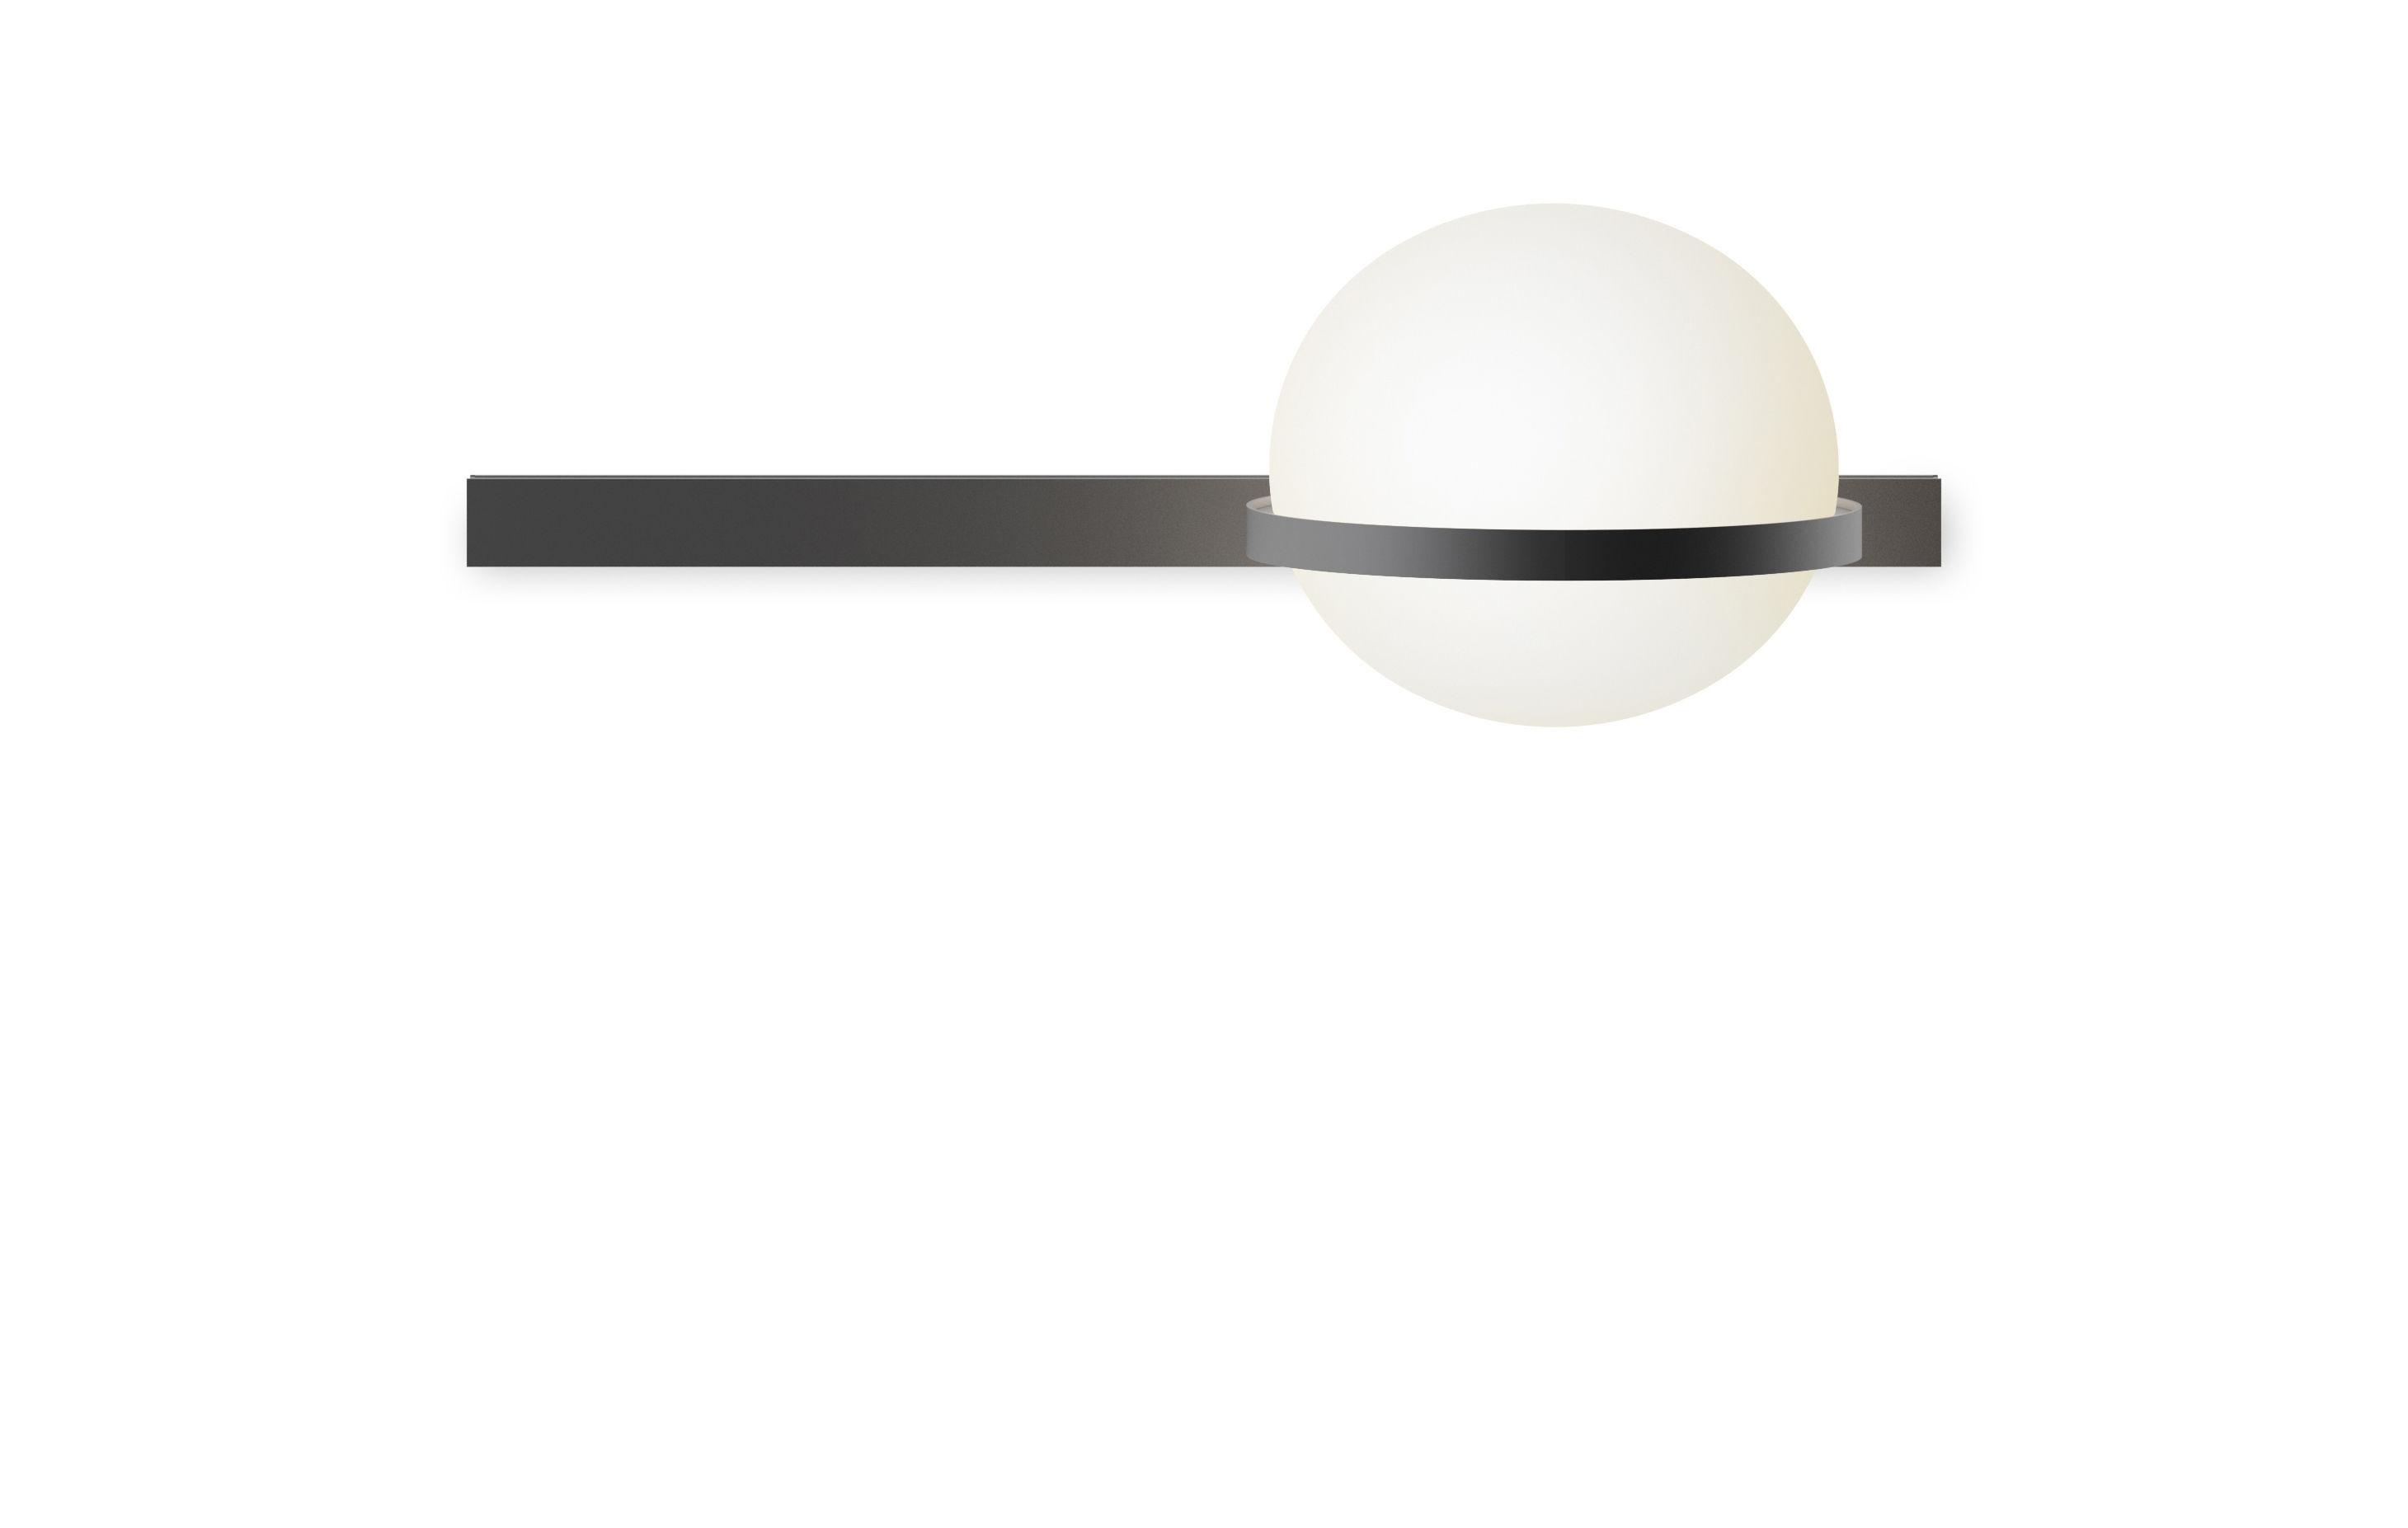 Leuchten - Wandleuchten - Palma Wandleuchte / horizontal - Vibia - Graphitgrau lackiert (matt) - Aluminium, Verre soufflé opalin